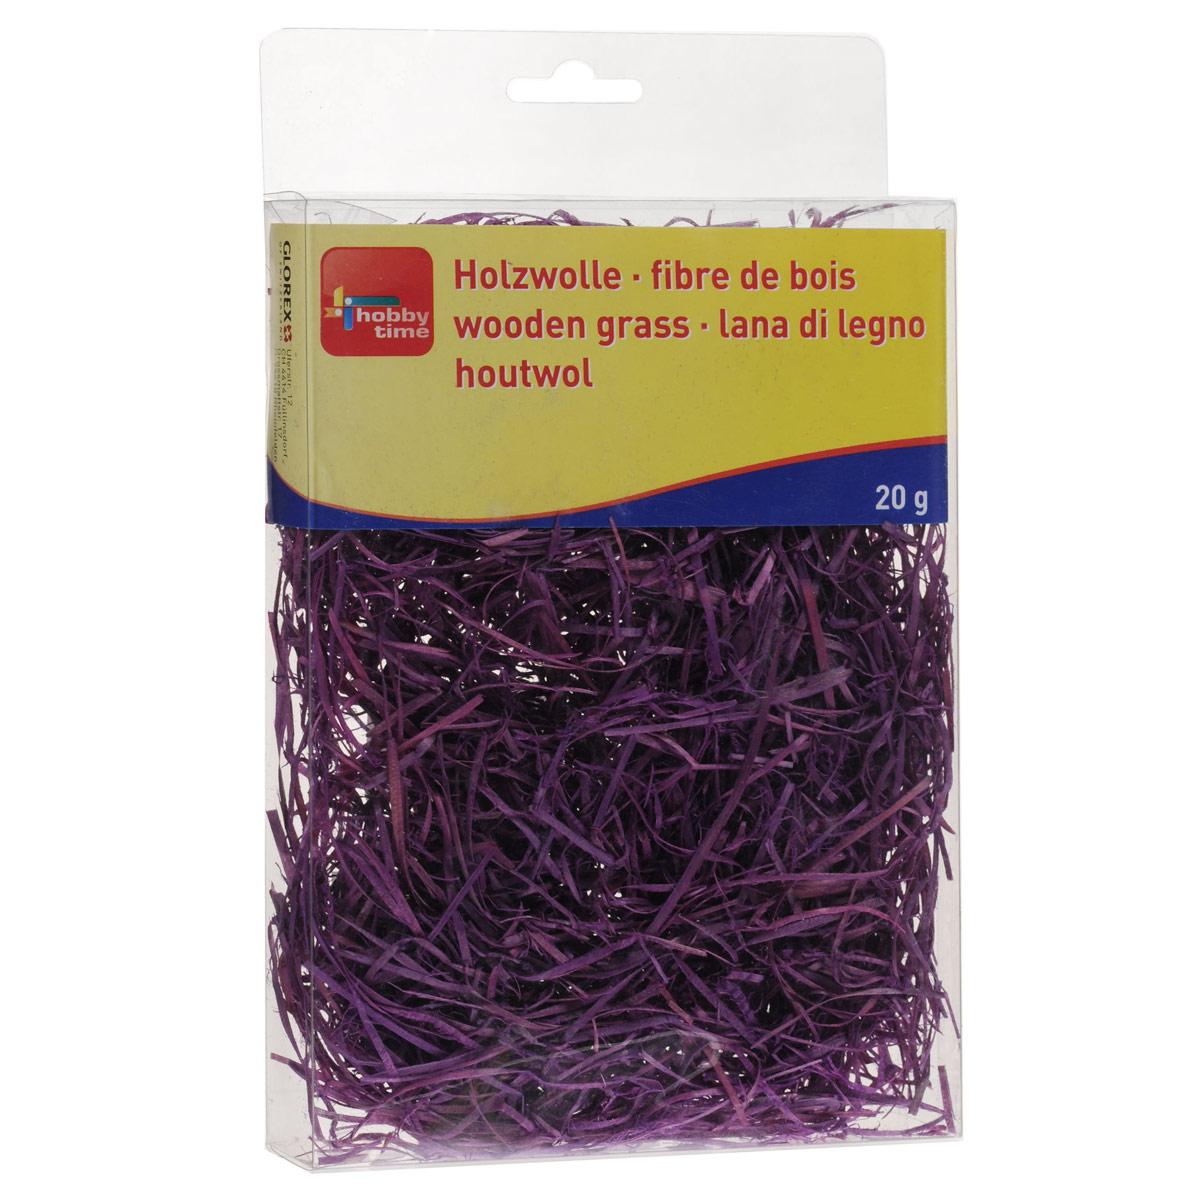 Древесная стружка Hobby Time, цвет: лиловый (11), 20 г7706397_11Древесная стружка Hobby Time является оригинальным натуральным материалом для декора, флористики и упаковки подарков. Естественная пластичная древесина из лиственных пород деревьев (без смолы) при небольшом увлажнении становится податливым материалом, которому можно придать необходимую форму. Тонкая стружка, сухая, экологически чистая, специально подготовленная. Могут встречаться волокна более темного или серого цвета - это нормально для натуральной древесины, которая со временем темнеет при контакте с воздухом.Стружка окрашивается в различные цвета и часто применяется в ландшафтном дизайне, изготовлении цветочных композиций, подарочных корзин, декорировании цветочных горшков, рамок, стен, в скрапбукинге, для упаковки хрупких предметов и много другого.Такой материал можно комбинировать с различными аксессуарами, как с природными - веточки, шишки, скорлупа, кора, перья так и с искусственными - стразы, бисер, бусины. Уникальная токая структура волокон позволят создавать новые формы. Вес: 20 г.